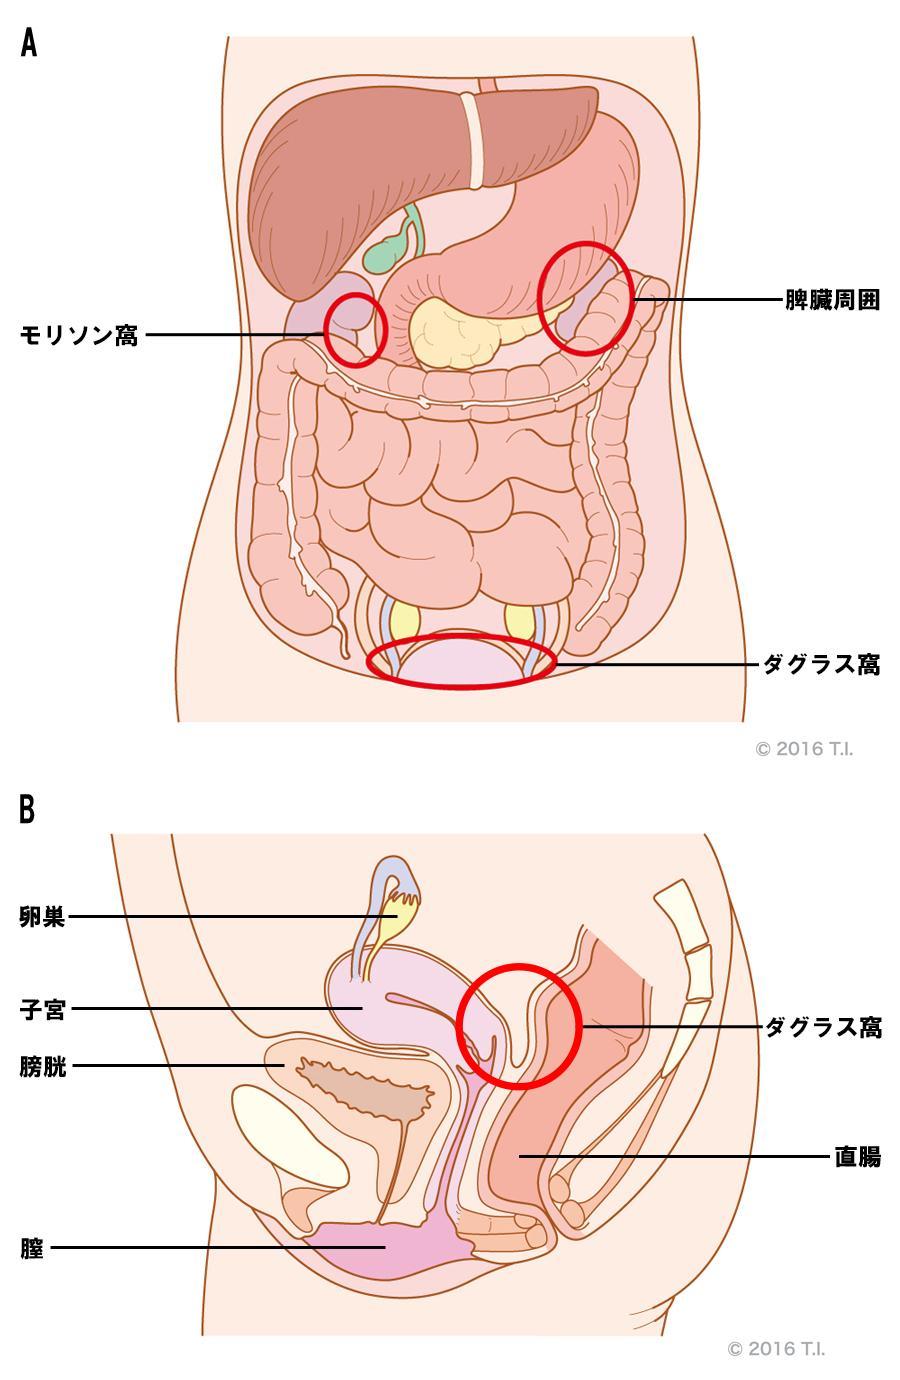 モリソン窩、脾臓周囲、ダグラス窩の位置関係